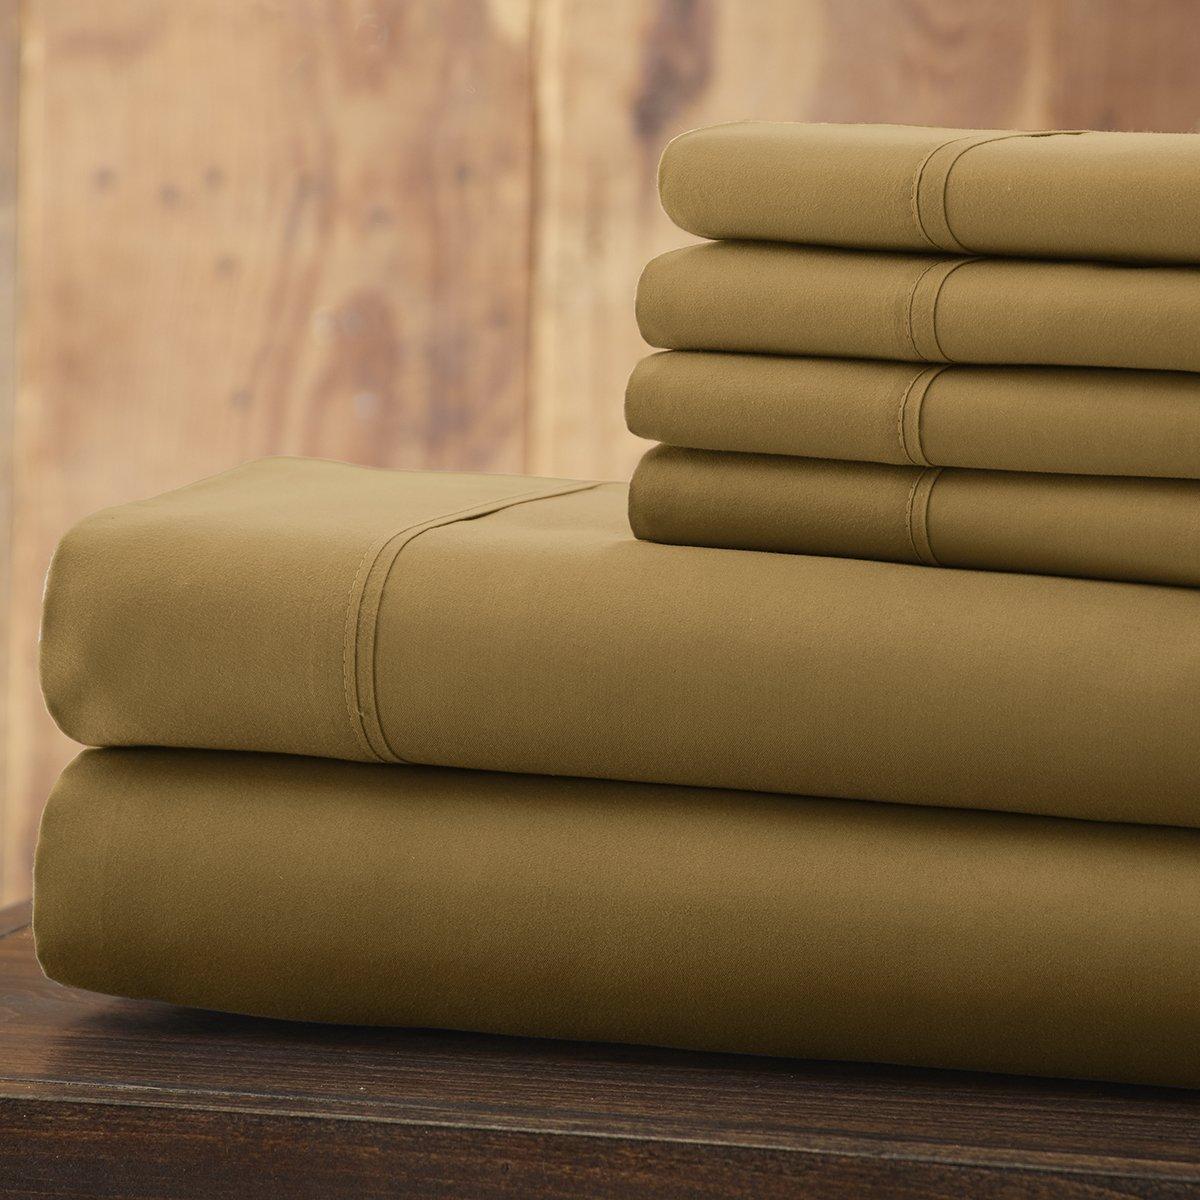 Spirit Linen 6 Piece Everyday Essentials 1800 Series Sheet Set, King, Gold